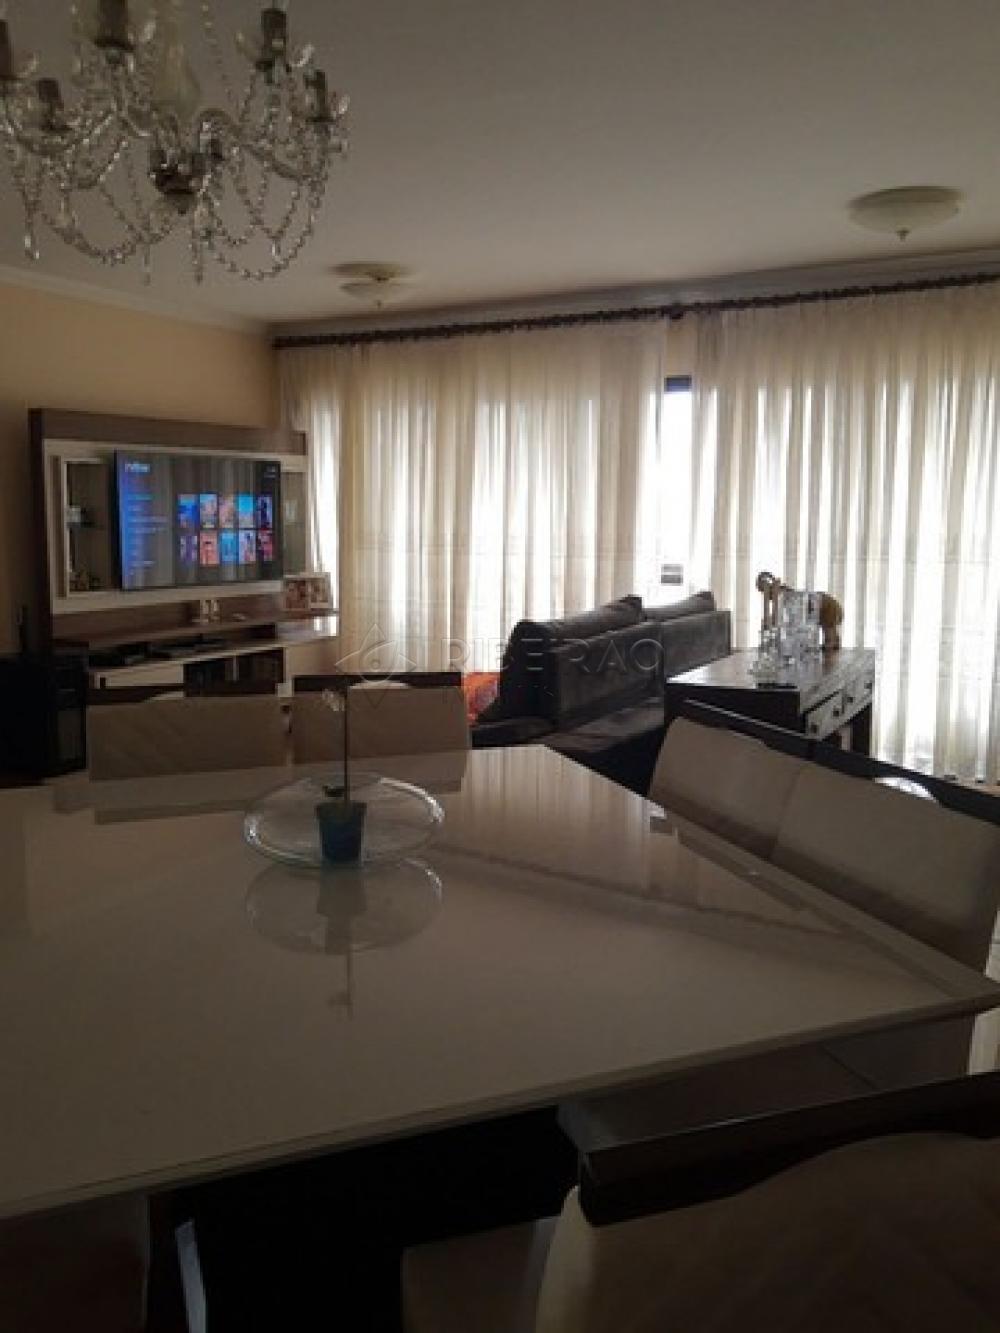 Ribeirao Preto Apartamento Venda R$550.000,00 Condominio R$1.069,00 2 Dormitorios 1 Suite Area construida 159.41m2